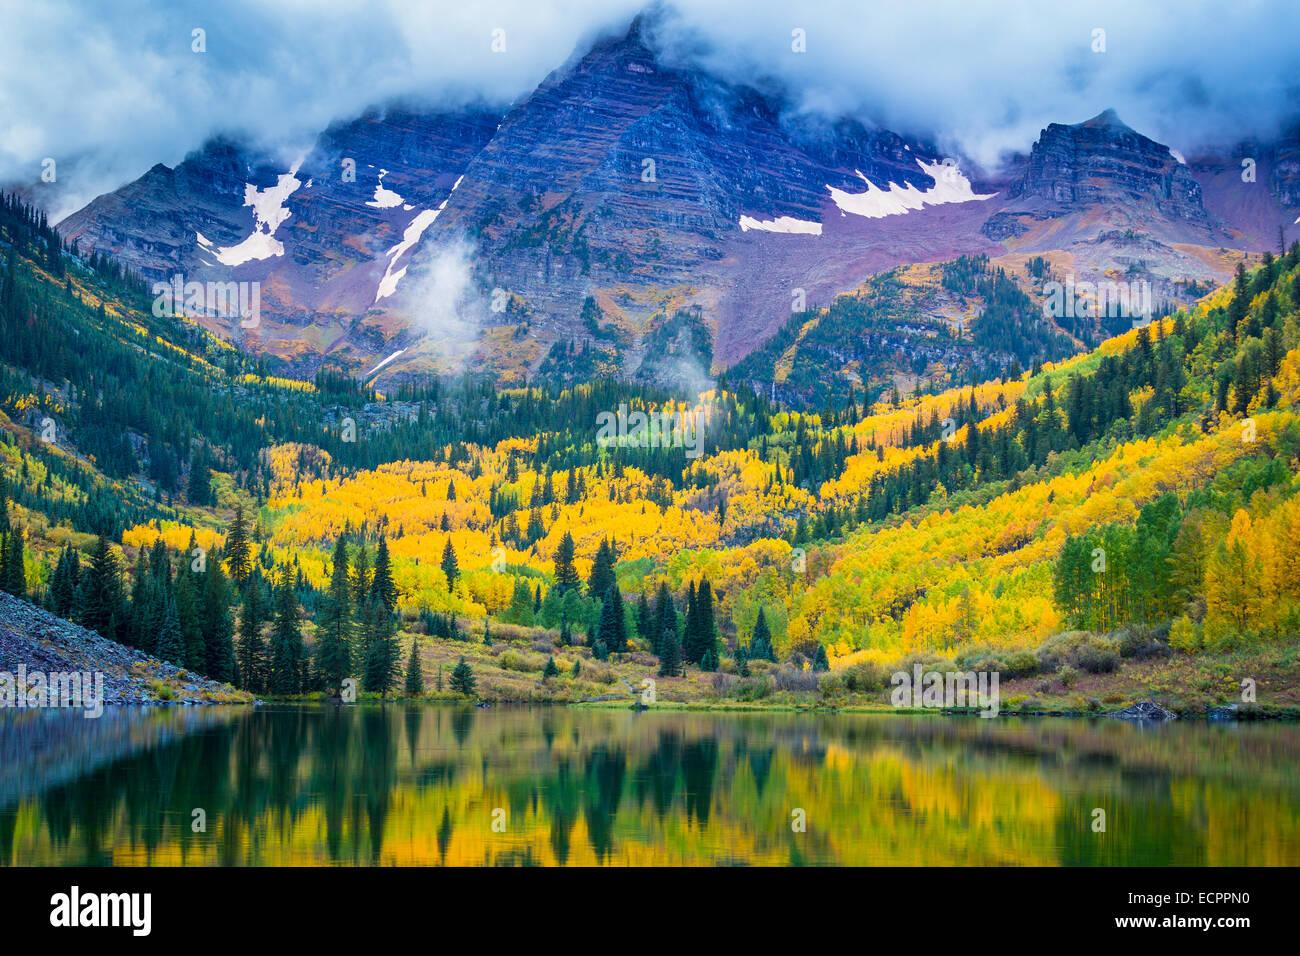 El Maroon Bells son dos picos en el Elk Mountains, granate y norte de Pico Pico granate, separados por alrededor Imagen De Stock